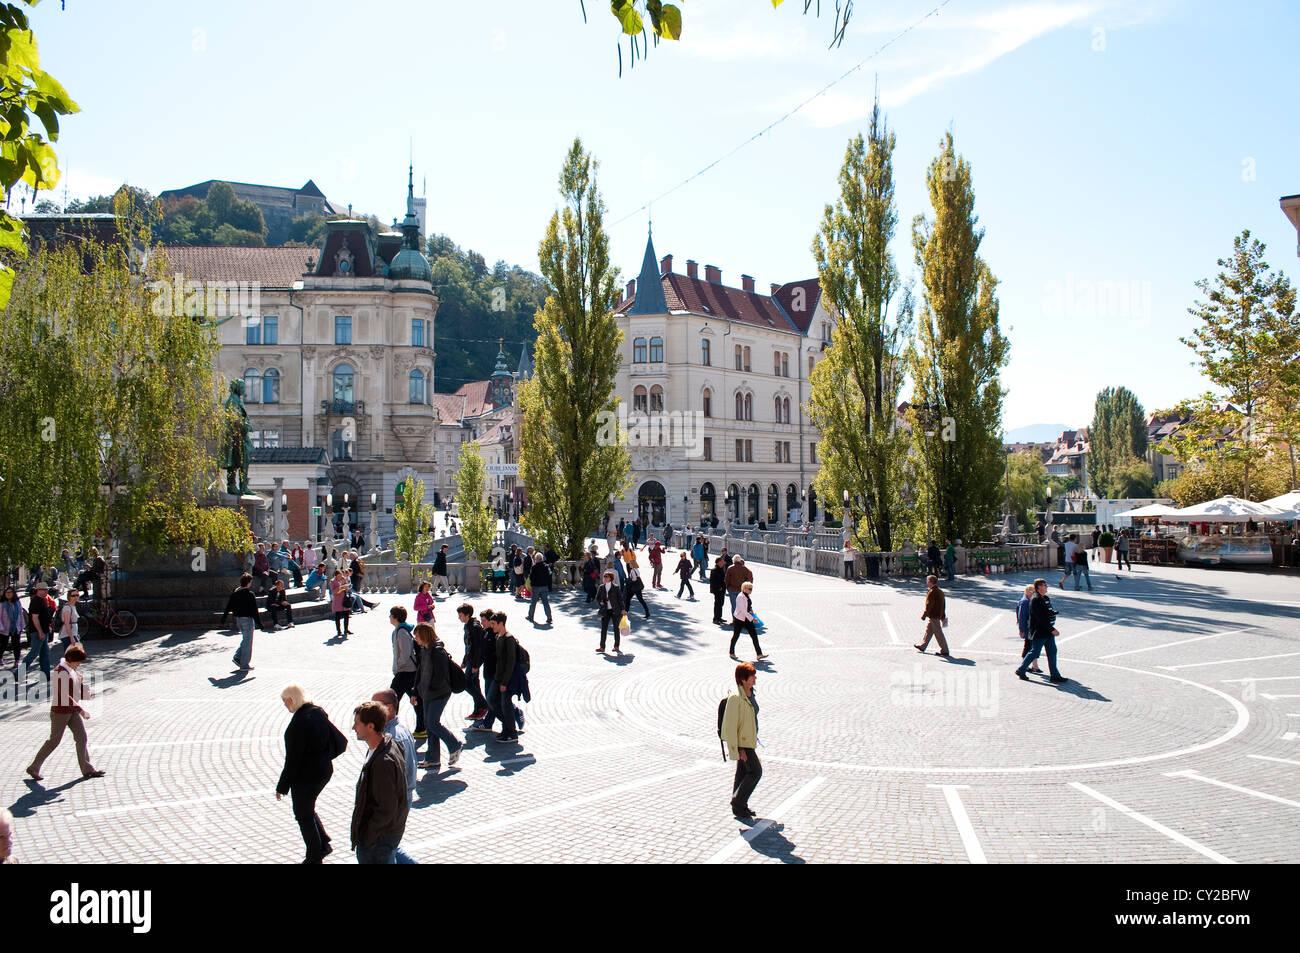 Prešeren Square, Ljubljana, Slovenia - Stock Image